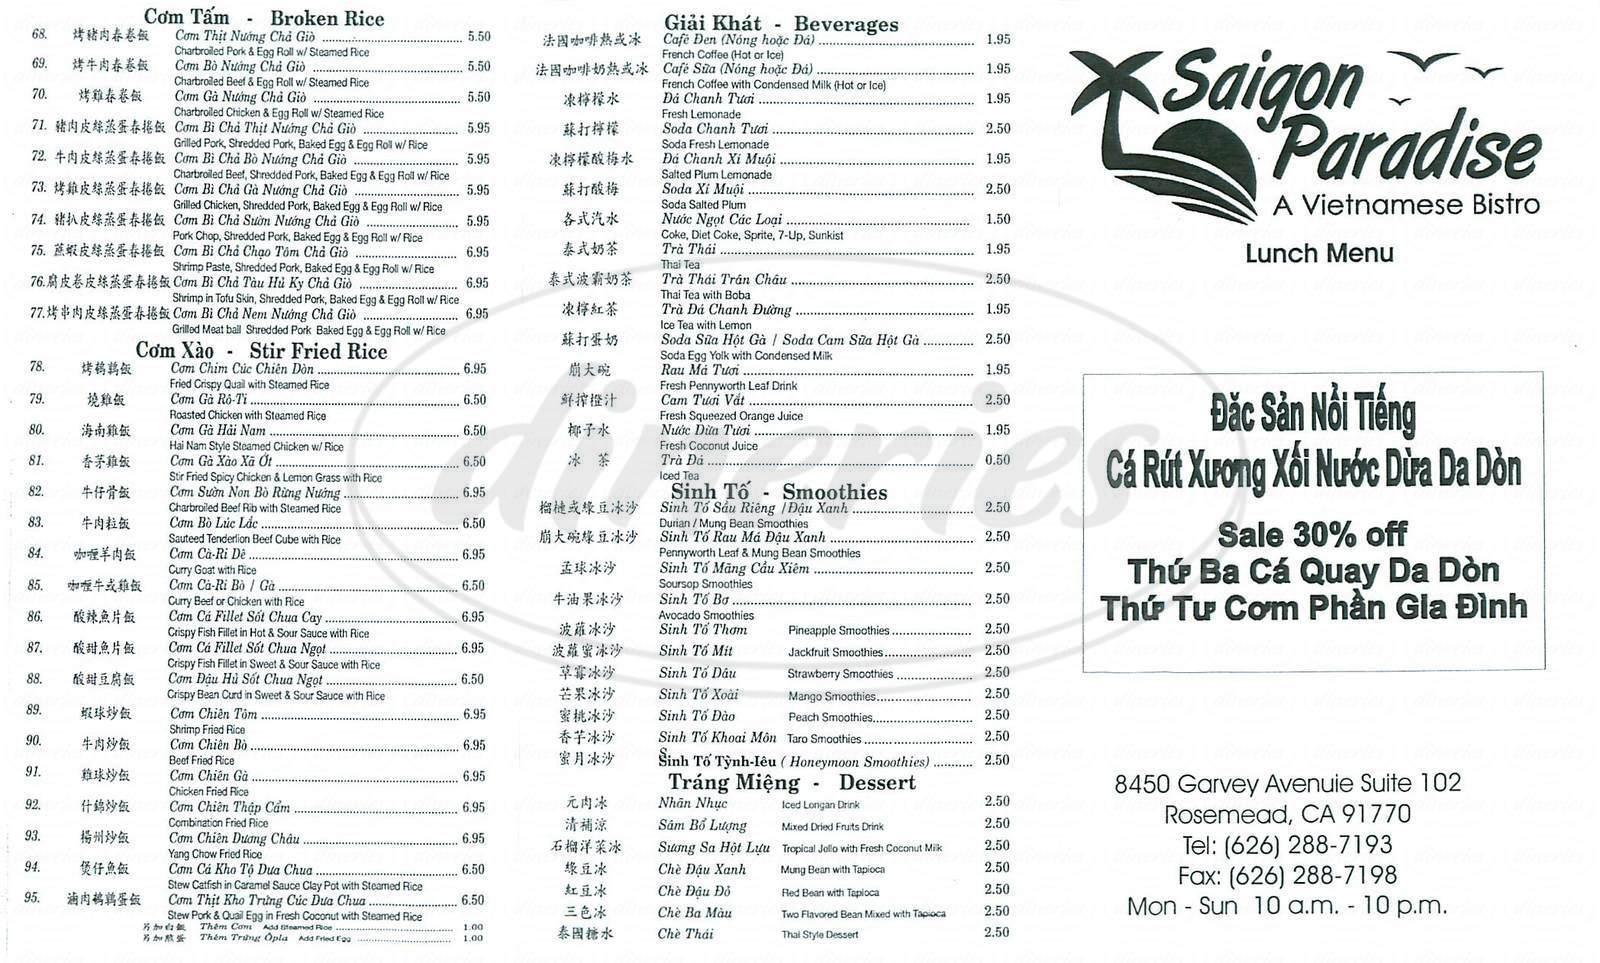 menu for Saigon Paradise